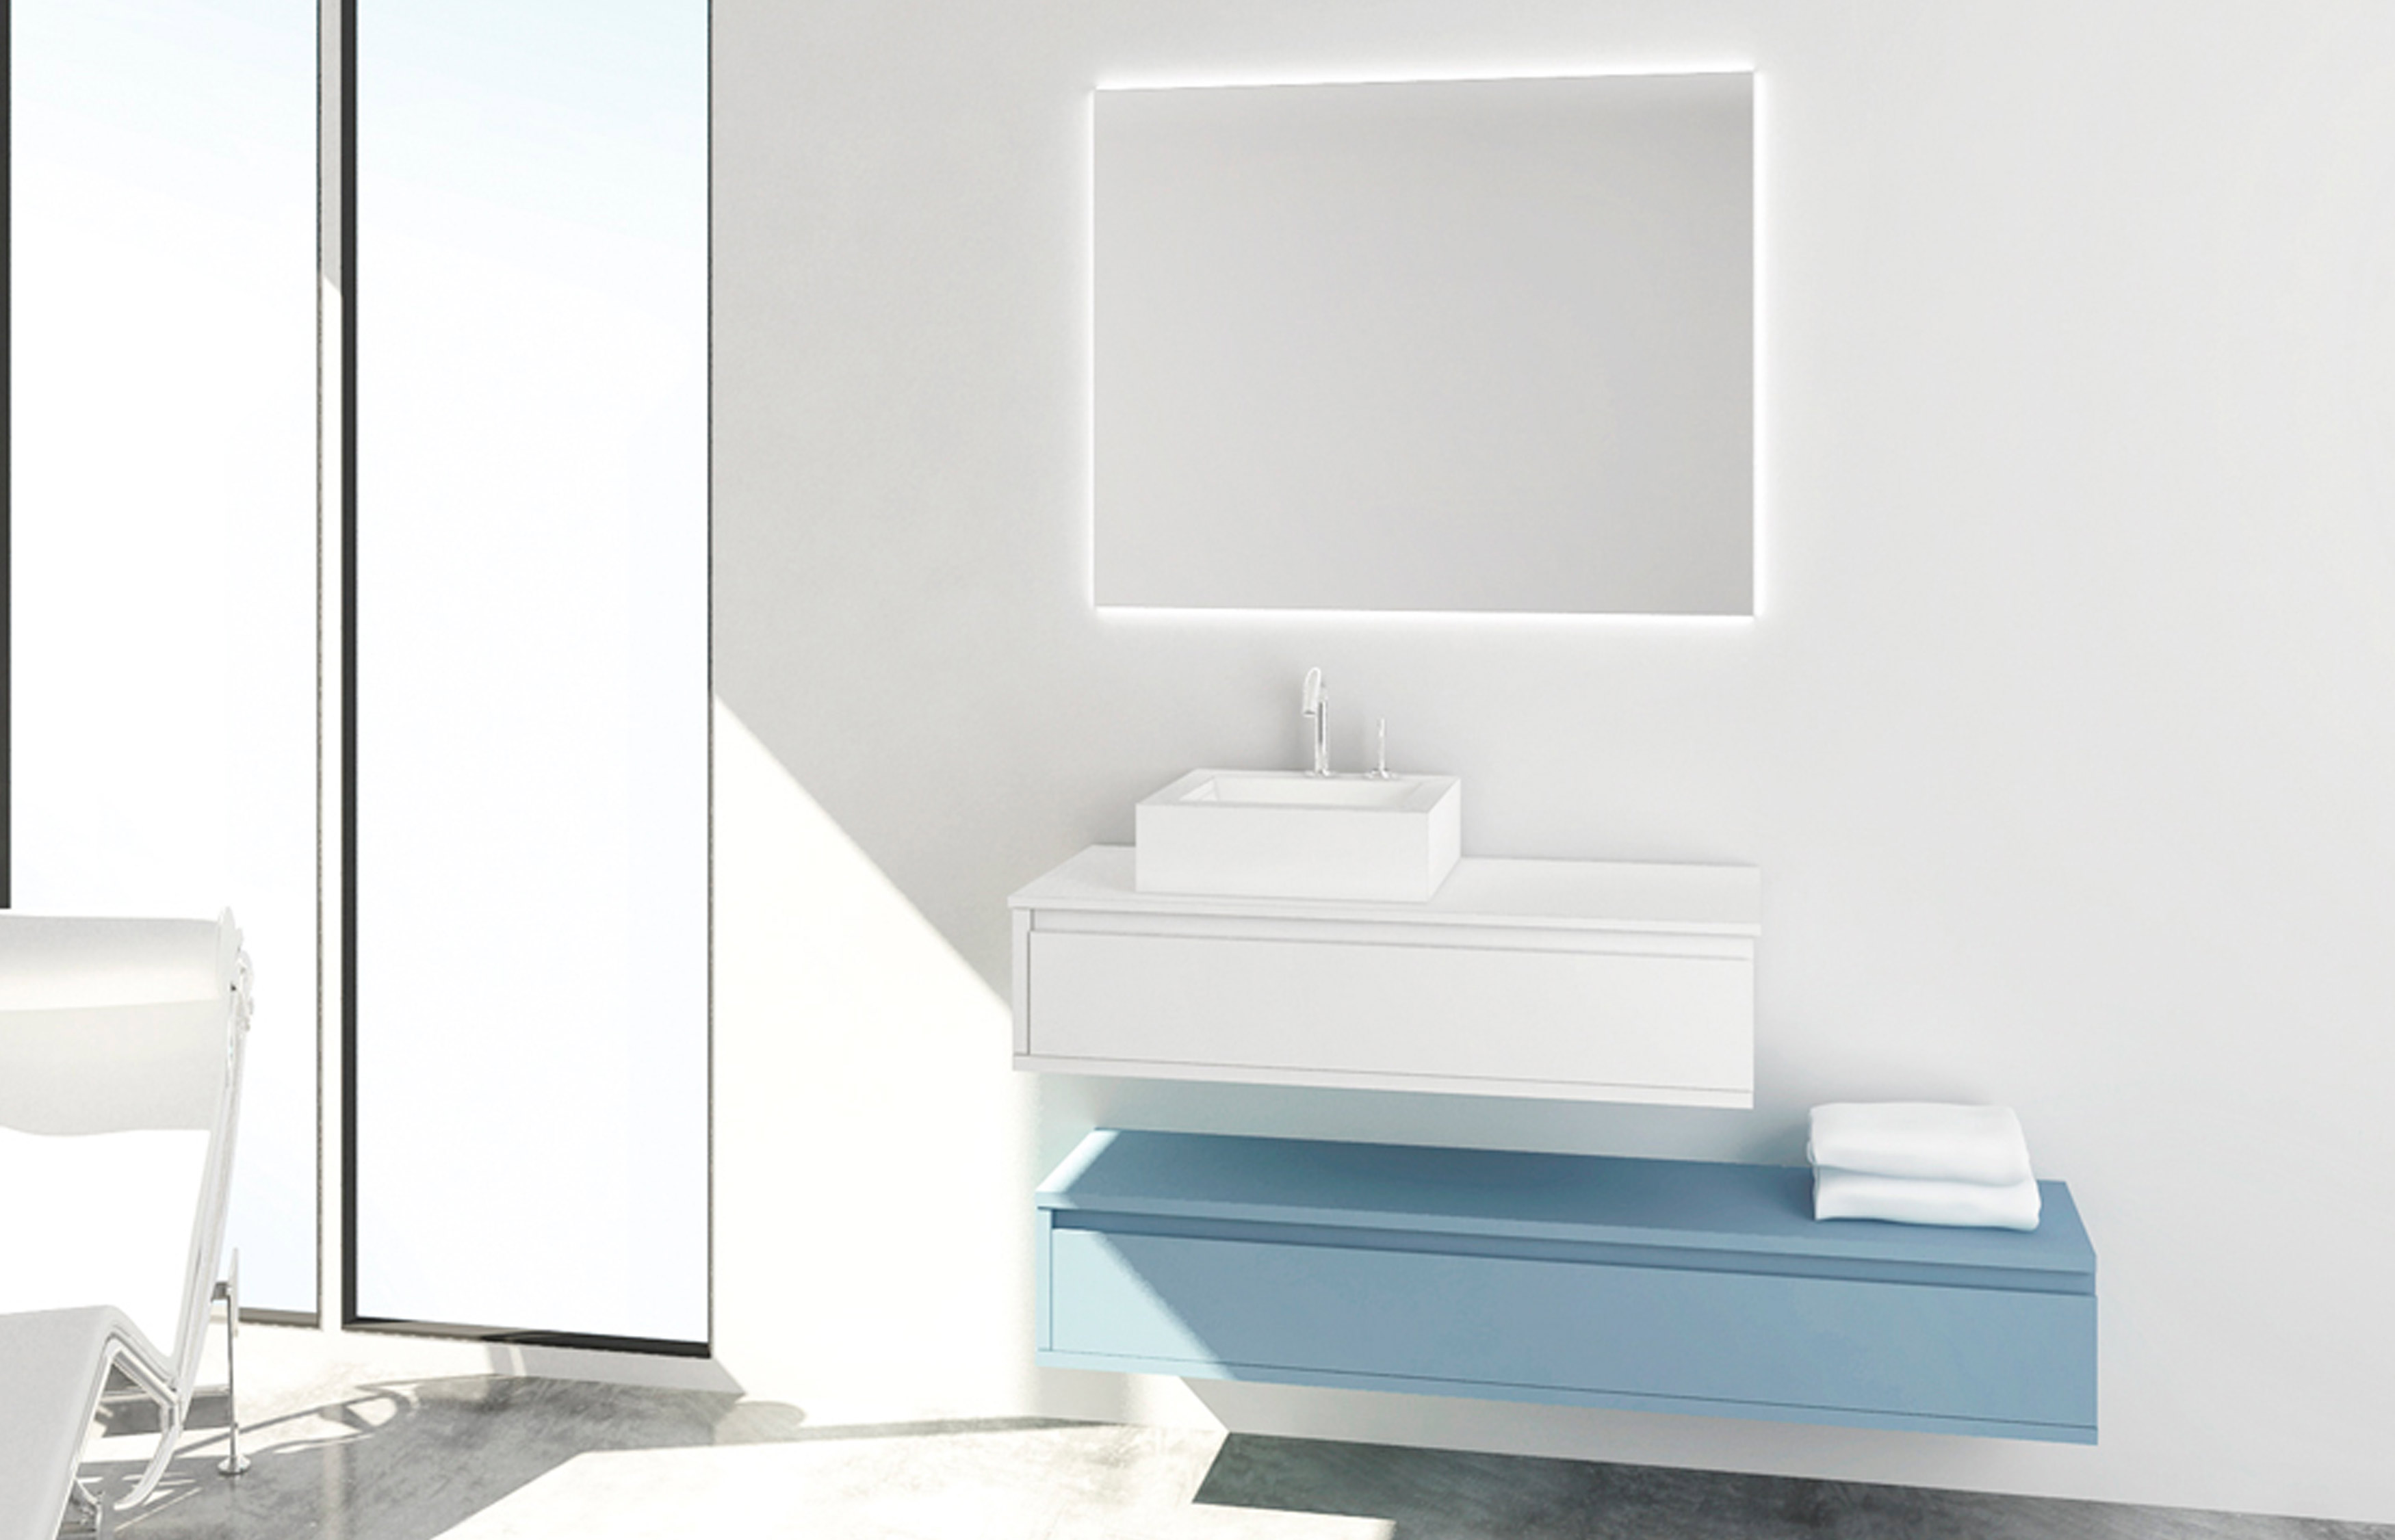 Muebles De Baño Hermanos Perez:Mobiliario de baño en Madrid